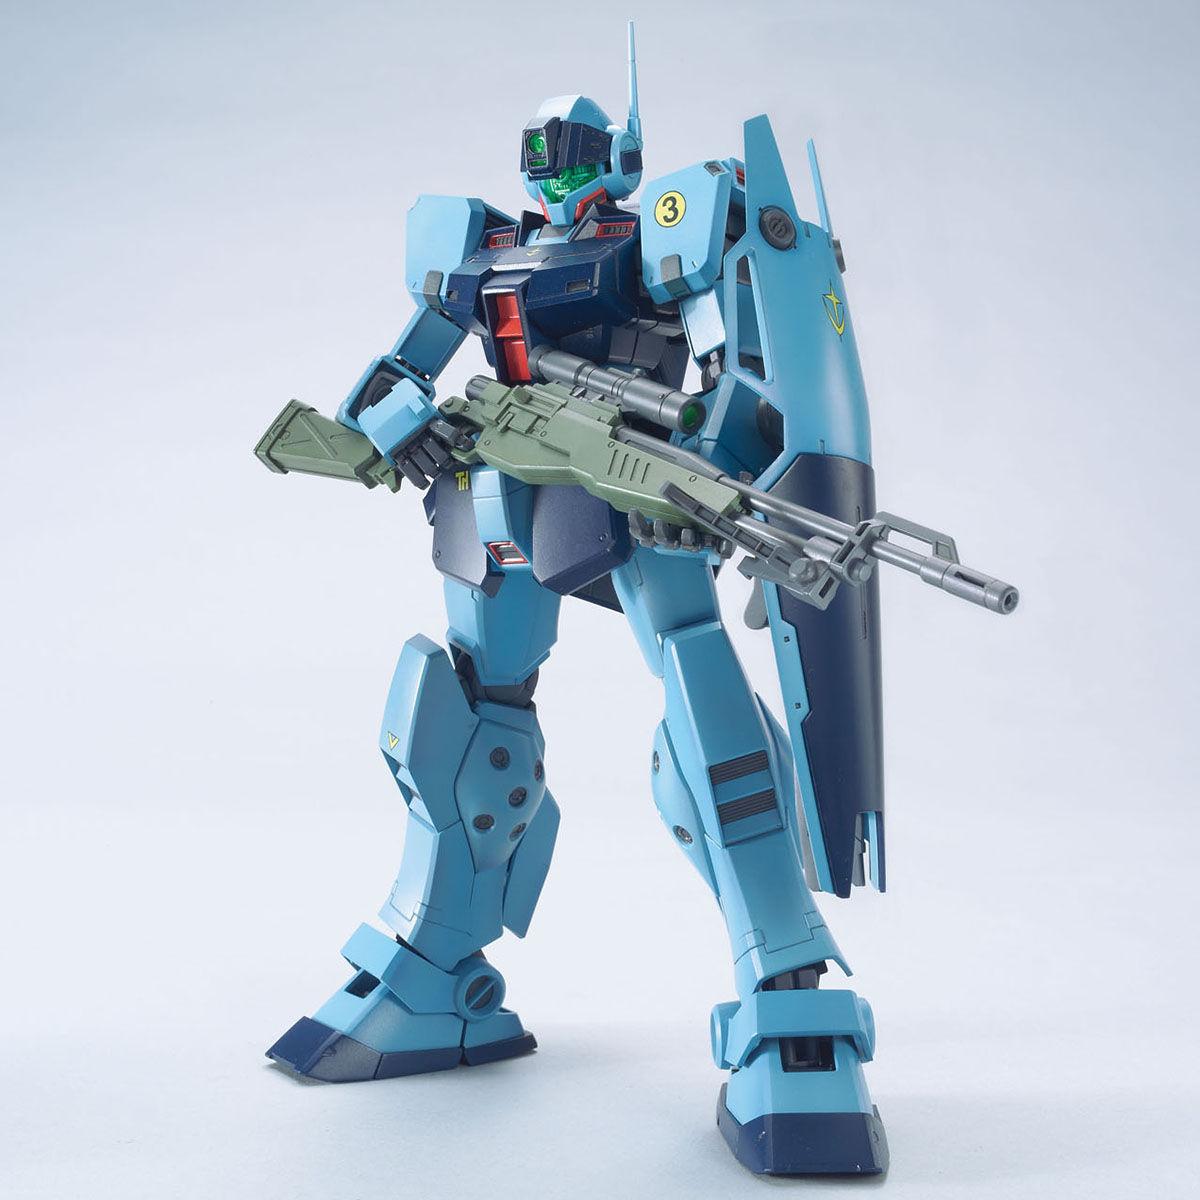 59746MG 1/100 RGM-79SP ジム・スナイパーII [GM Sniper II] 0212185 4549660121855